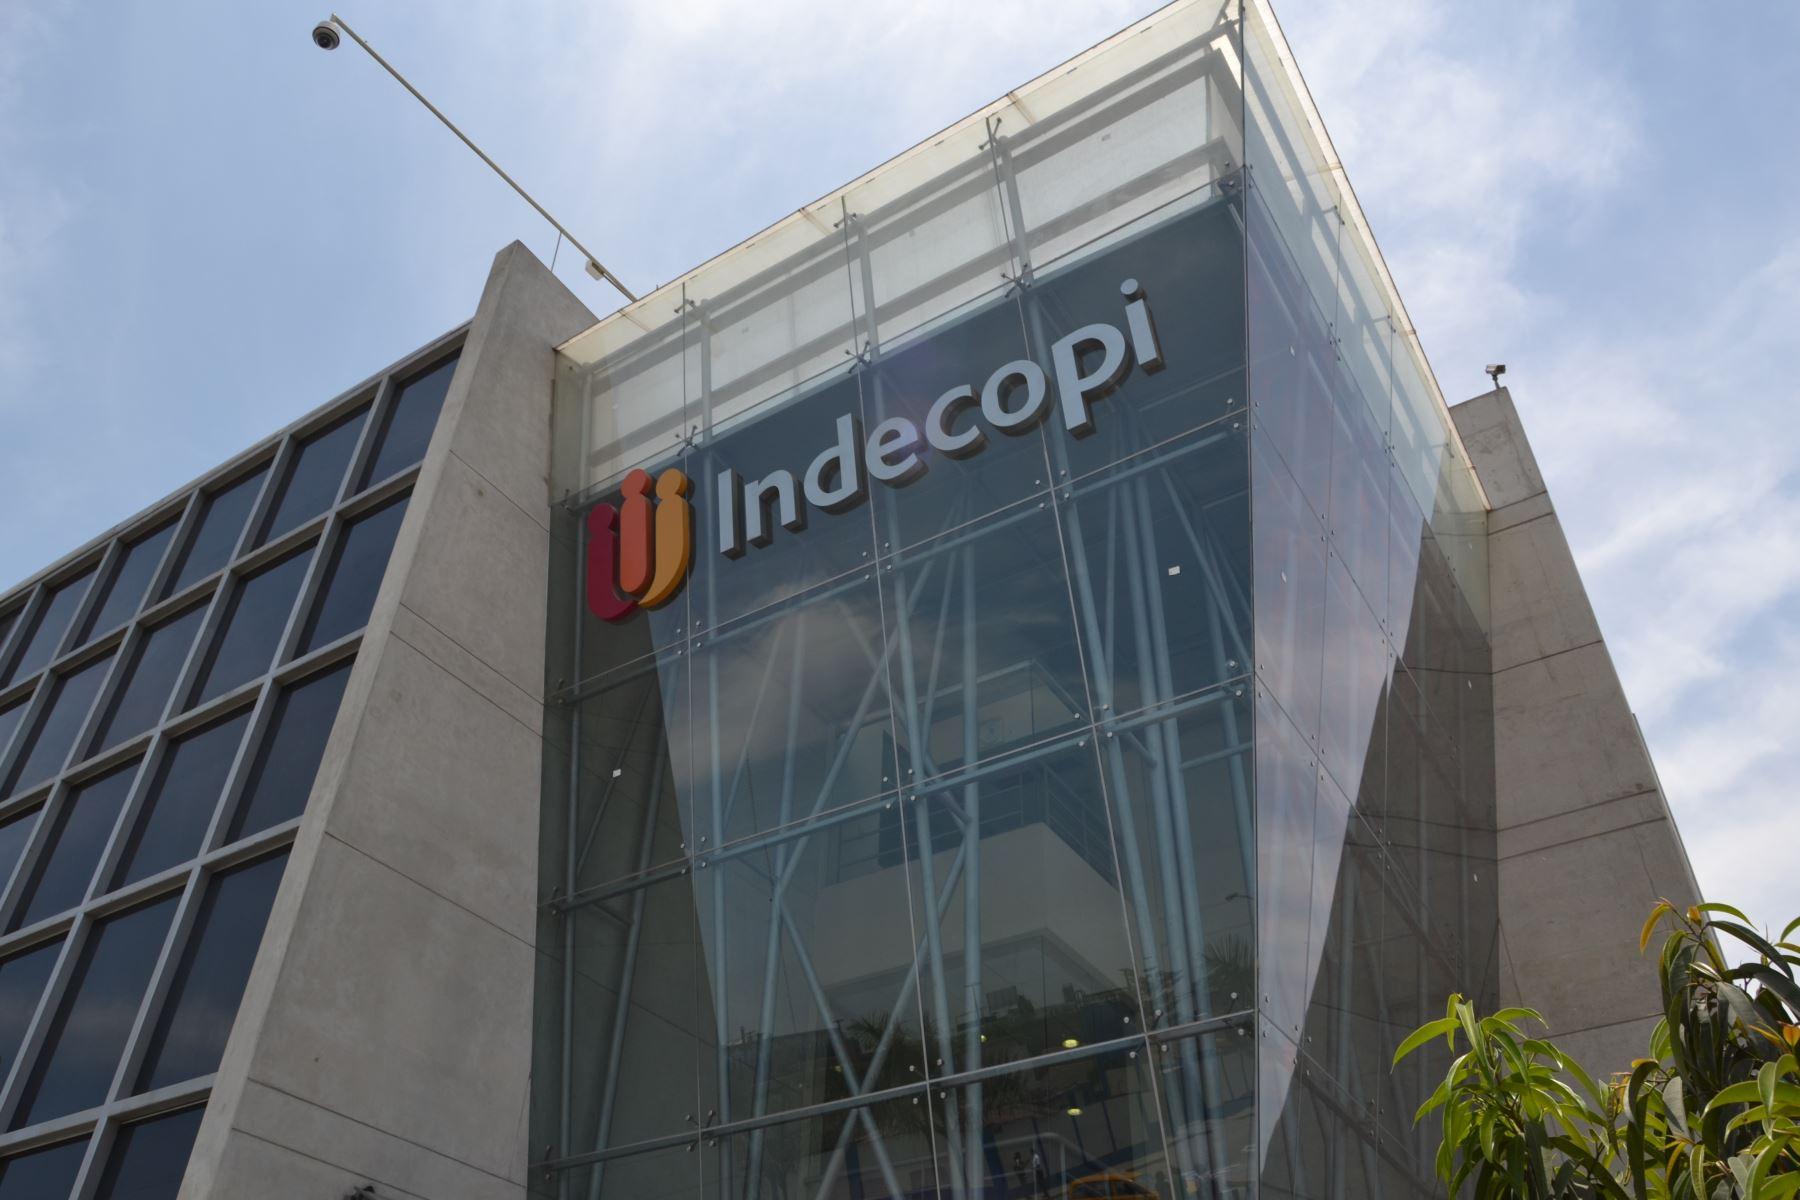 indecopi 2 - Indecopi: Ahora podrás renovar el registro de tu marca vía internet